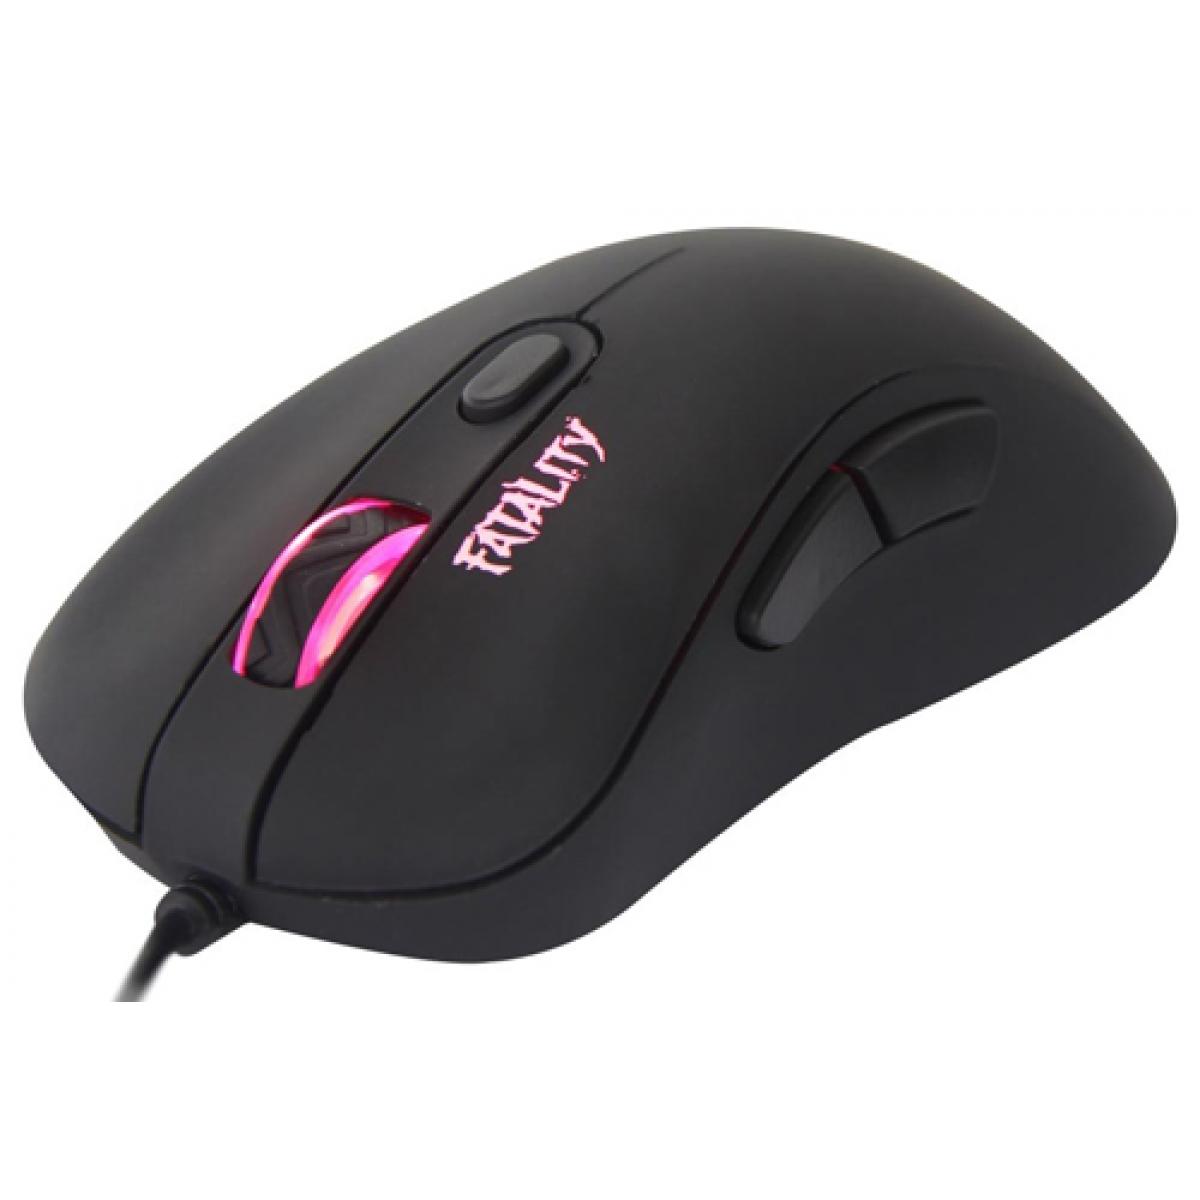 Mouse Gamer Dazz Fatality, 3500 DPI, 4 Botões, Black